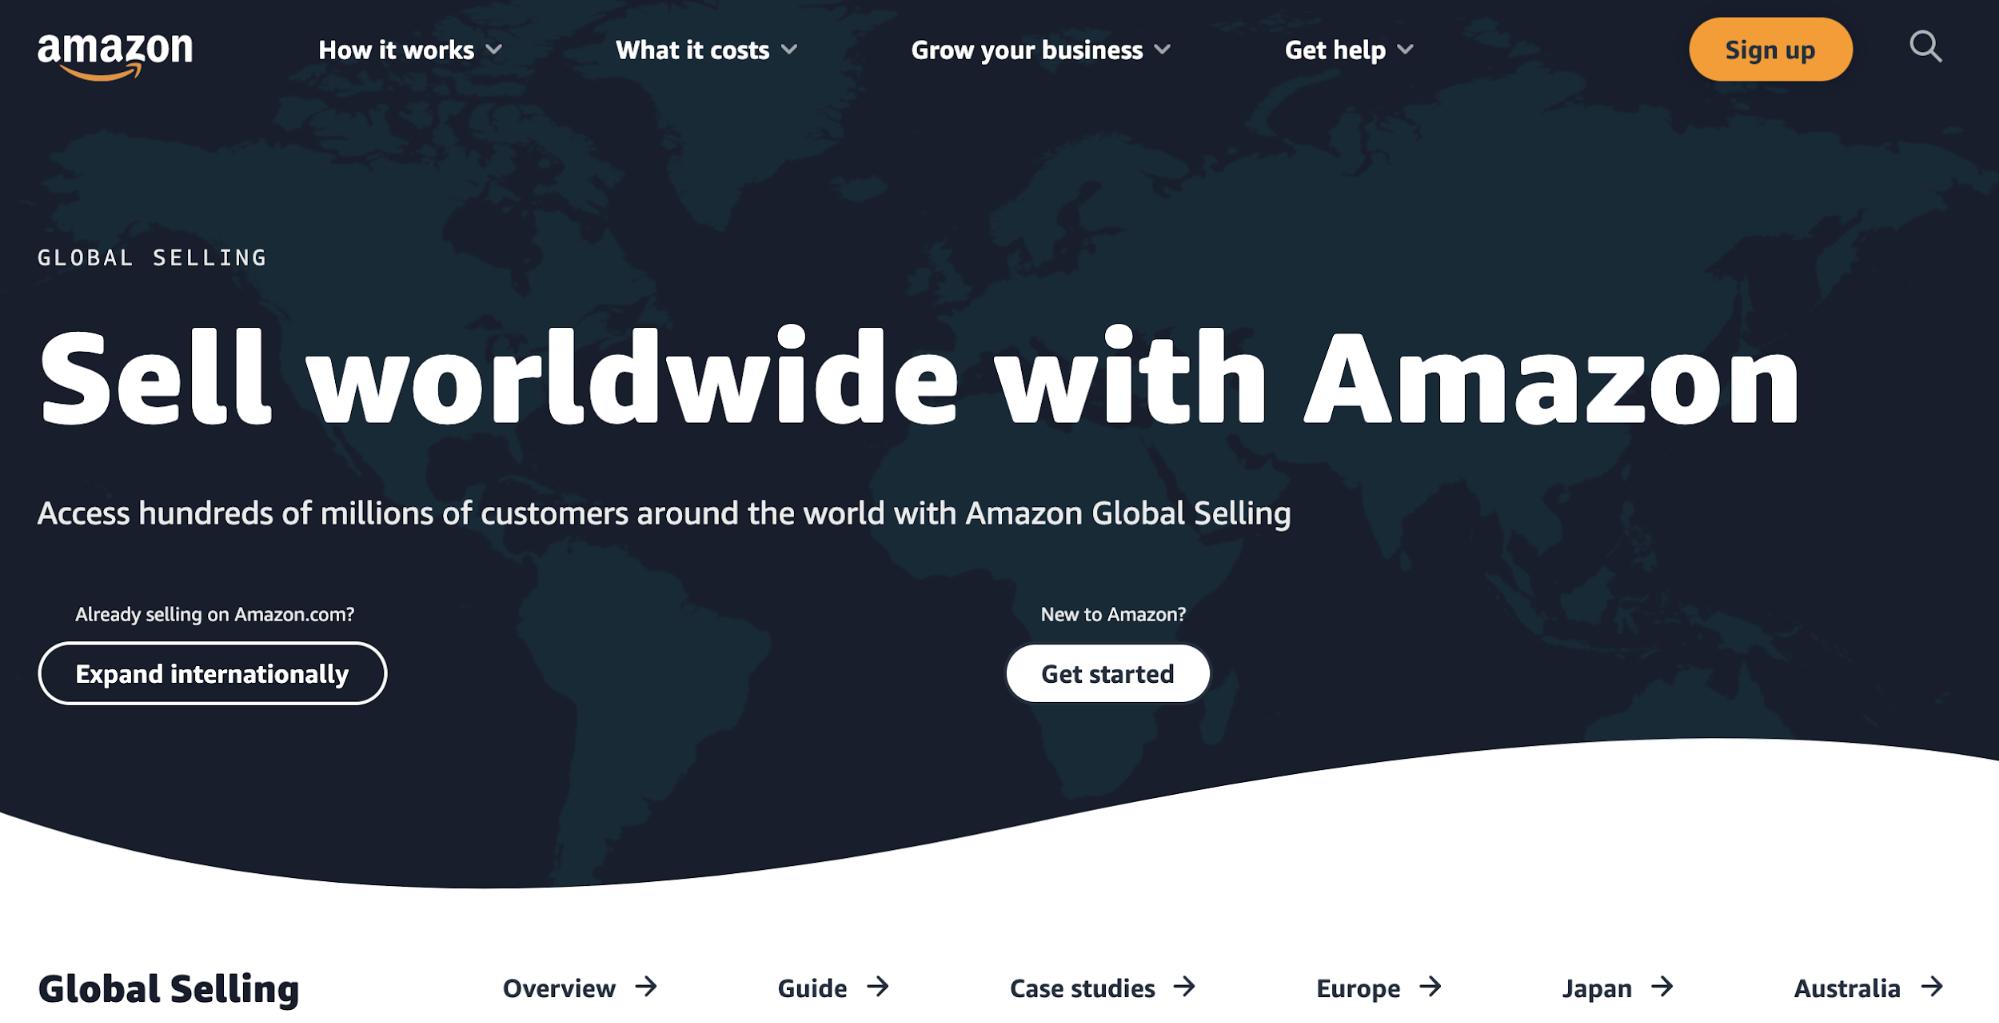 Amazon Global Selling Hompage